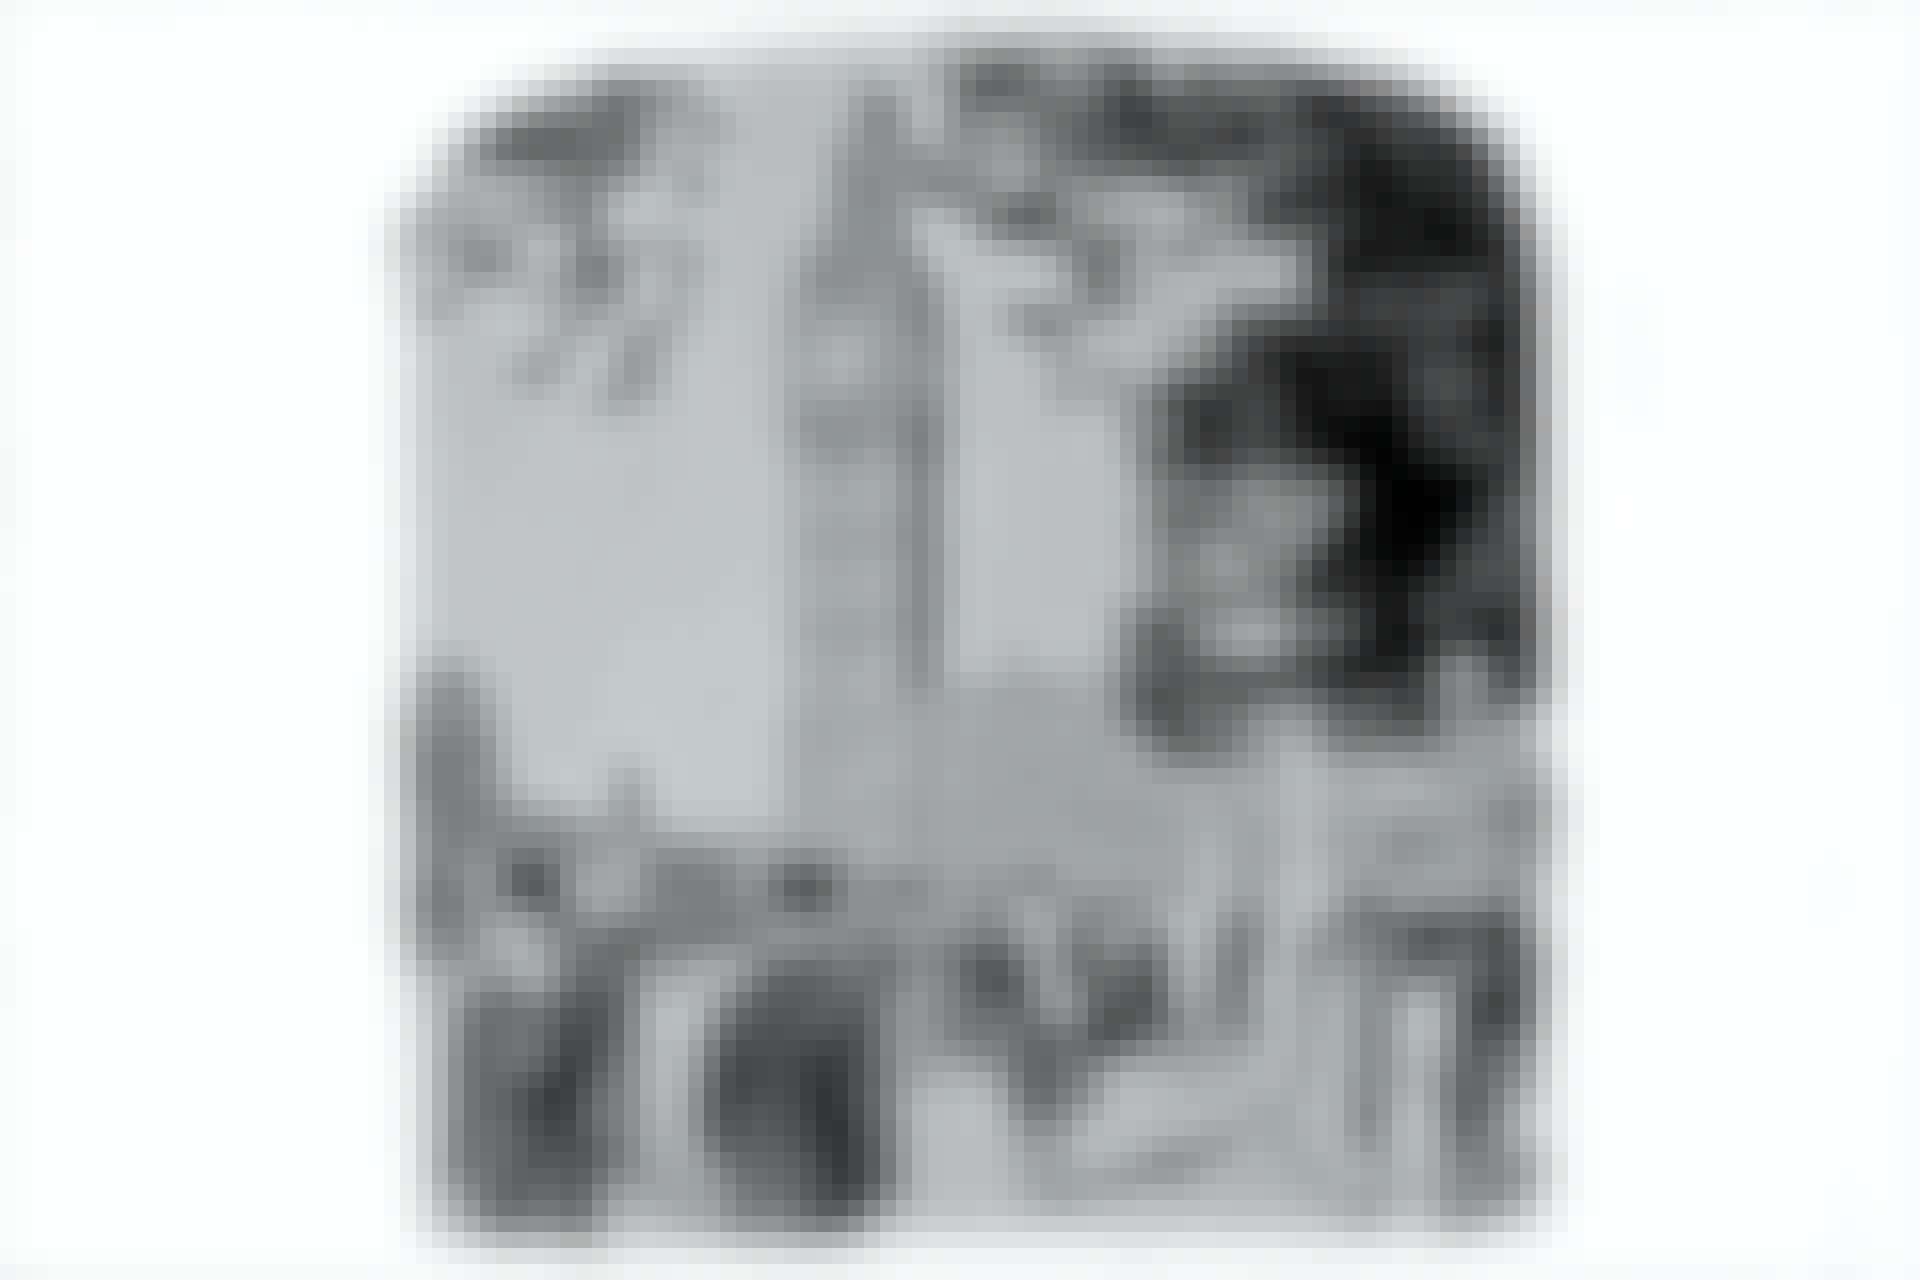 Big Beninä tunnettu kellotorni Lontoossa noin vuonna 1909.